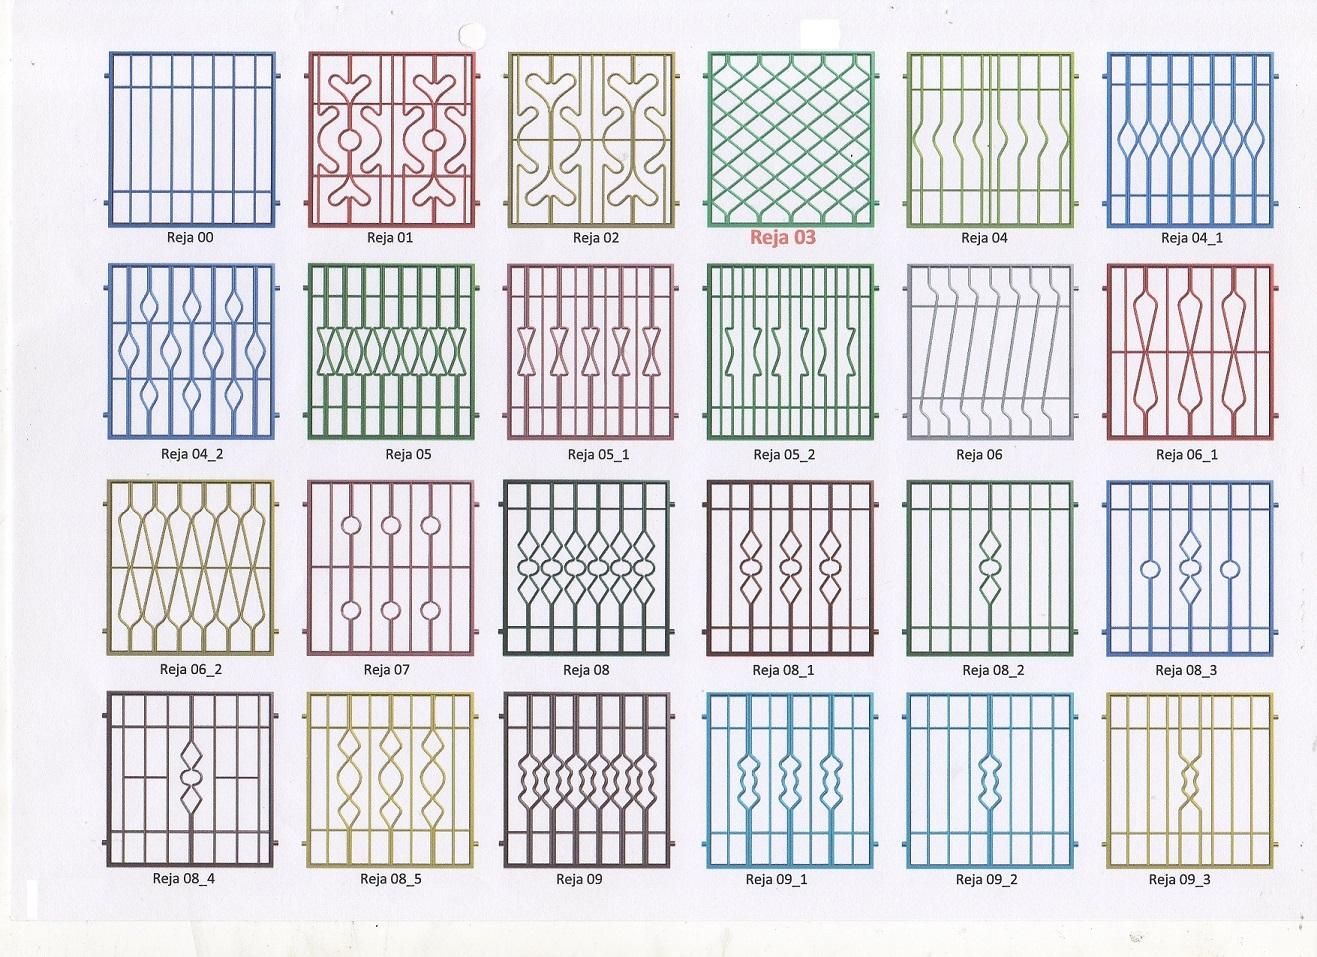 Rejas para ventanas barcelona instalaci n reparaci n - Modelo de rejas ...